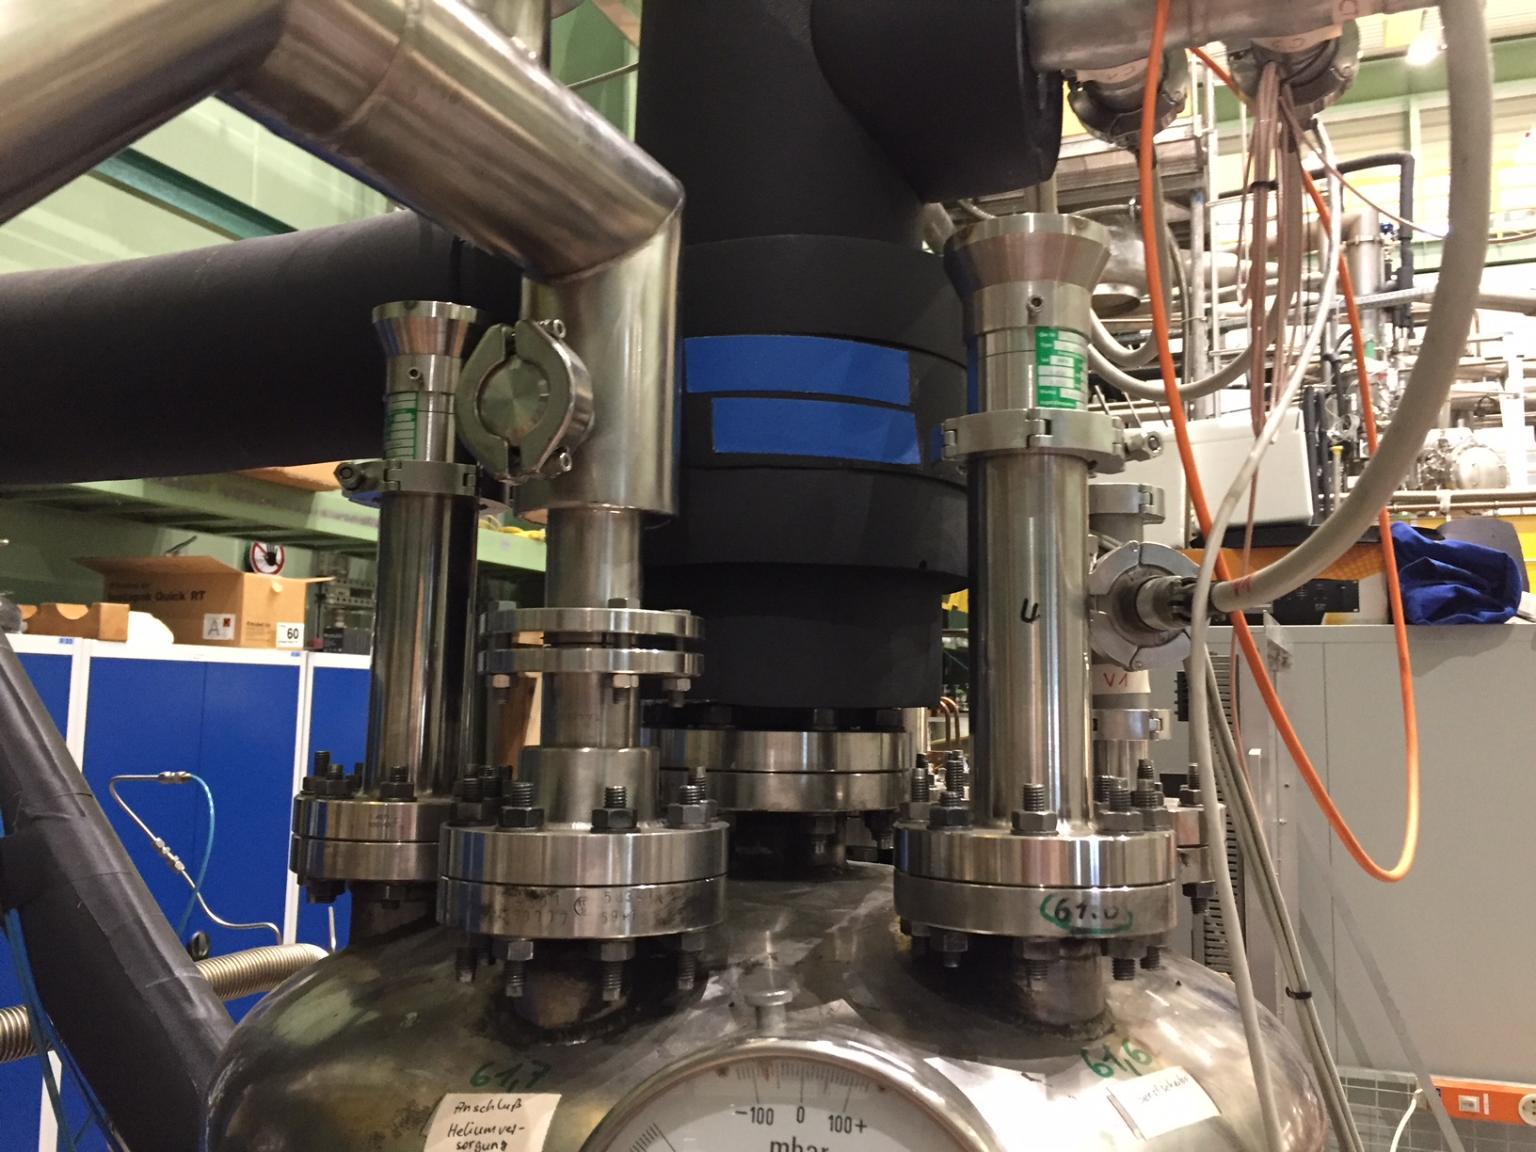 The KIT's cryostat